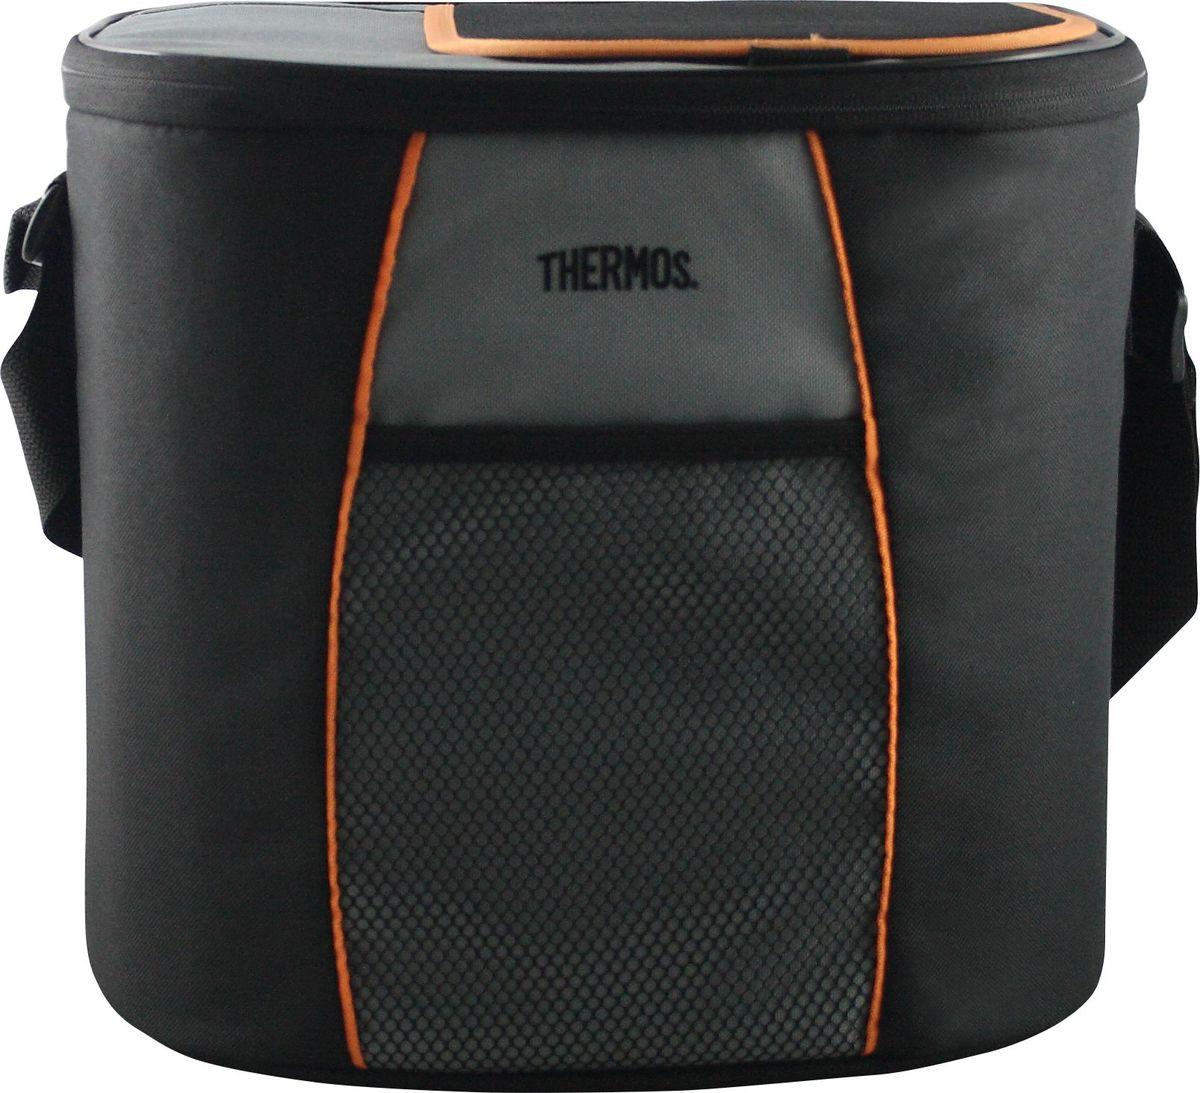 Термосумка Thermos E5 24 Can Cooler, цвет: черный, серый, 15 лKOC-H19-LEDСумка-термос Thermos E5 24 Can Cooler прекрасно подойдет для путешествий, она отличается легкостью и компактностью. Сумка складывается и фиксируется в сложенном положении, что облегчает хранение. Внутреннее наполнение стенок позволяет сохранять продукты замороженными, свежими или теплыми длительное время. Внутренняя поверхность обладает 100% герметичностью. При перевозке жидкостей это позволяет избежать протеканий. Внешняя ткань устойчива к загрязнениям и легка в уходе. Сумка имеет прочный регулируемый ремень для переноски и удобную молнию для быстрого доступа к содержимому.